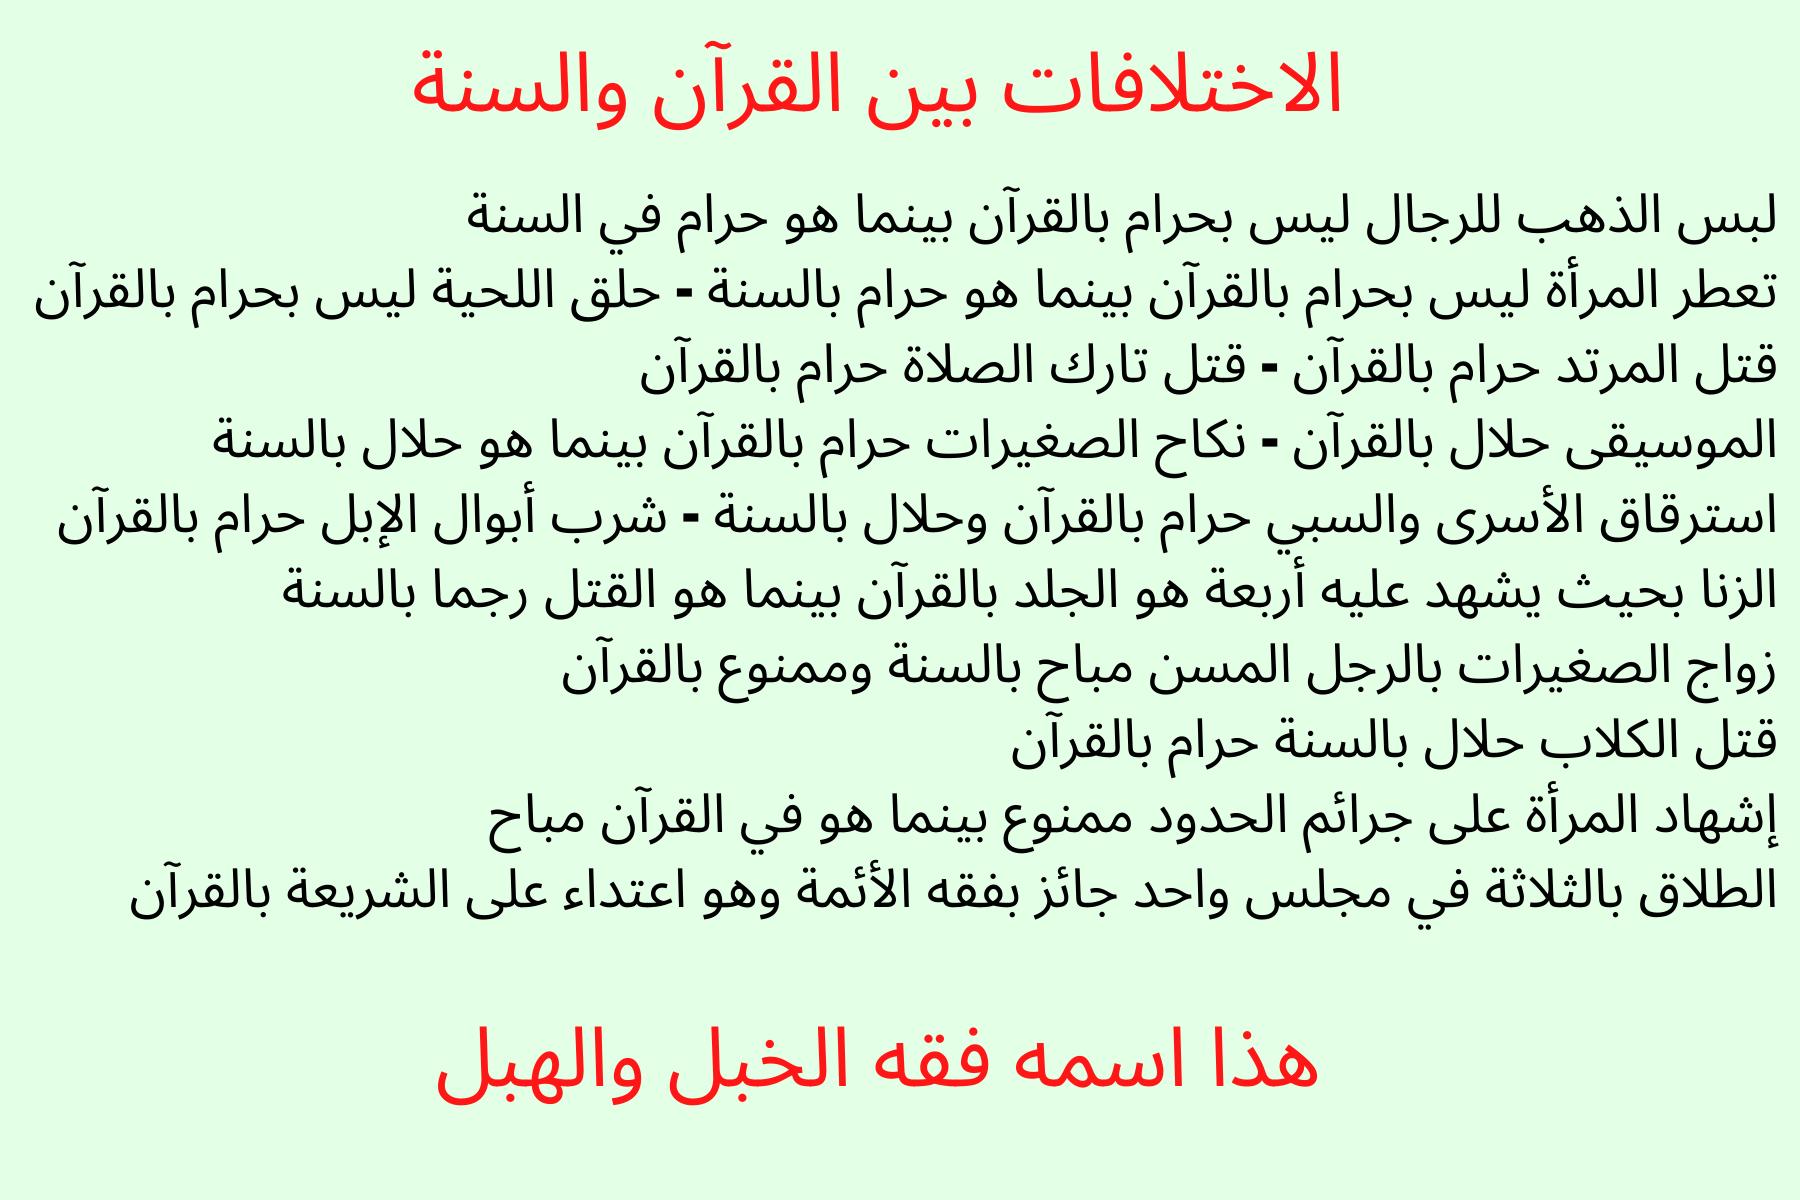 الاختلافات بين القرآن والسنة لبس الذهب للرجال ليس بحرام بالقرآن بينما هو حرام في السنة تعطر المرأة ل Facebook Sign Up Laie Facebook Sign